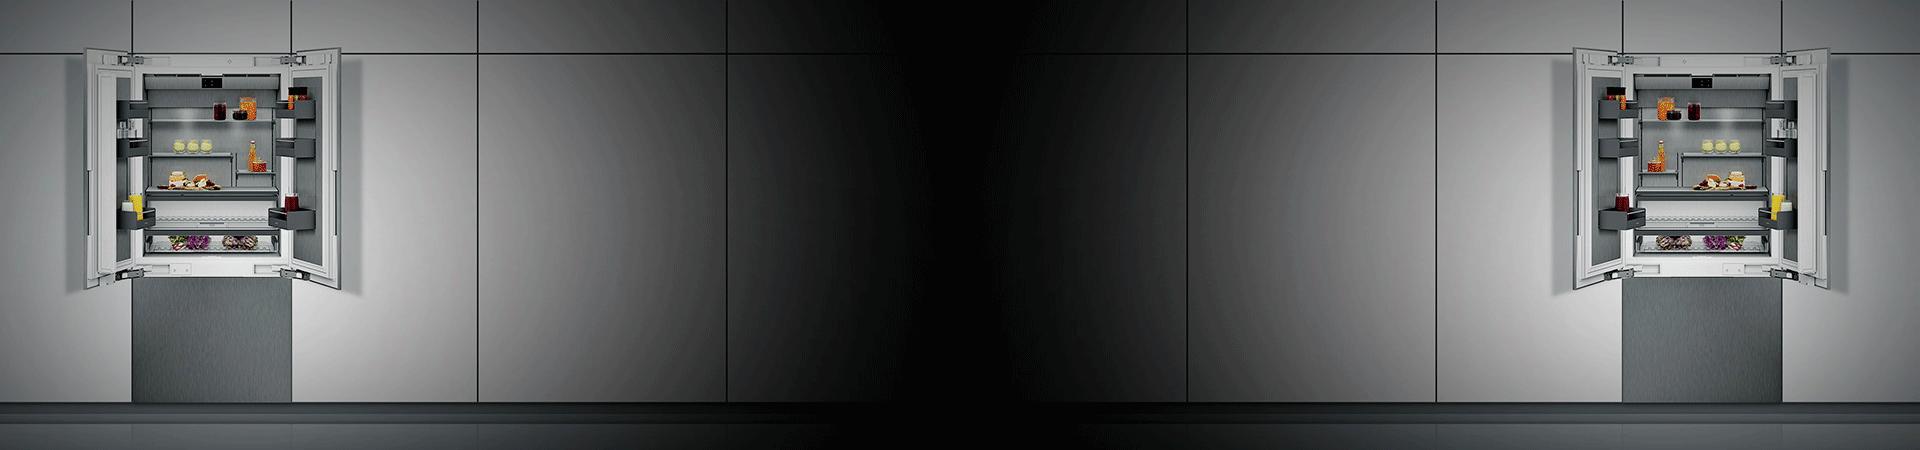 מקרר GAGGENAU דגם RY492 304